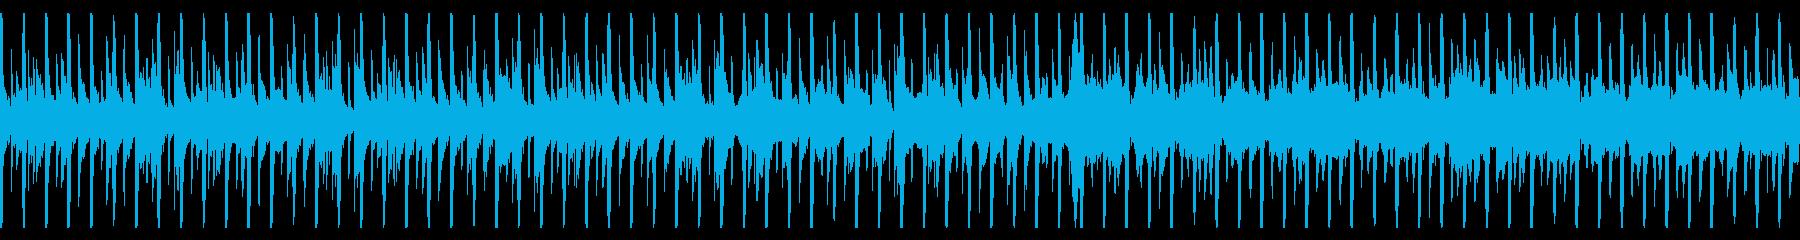 ほのぼのまったりとした日常のBGMの再生済みの波形